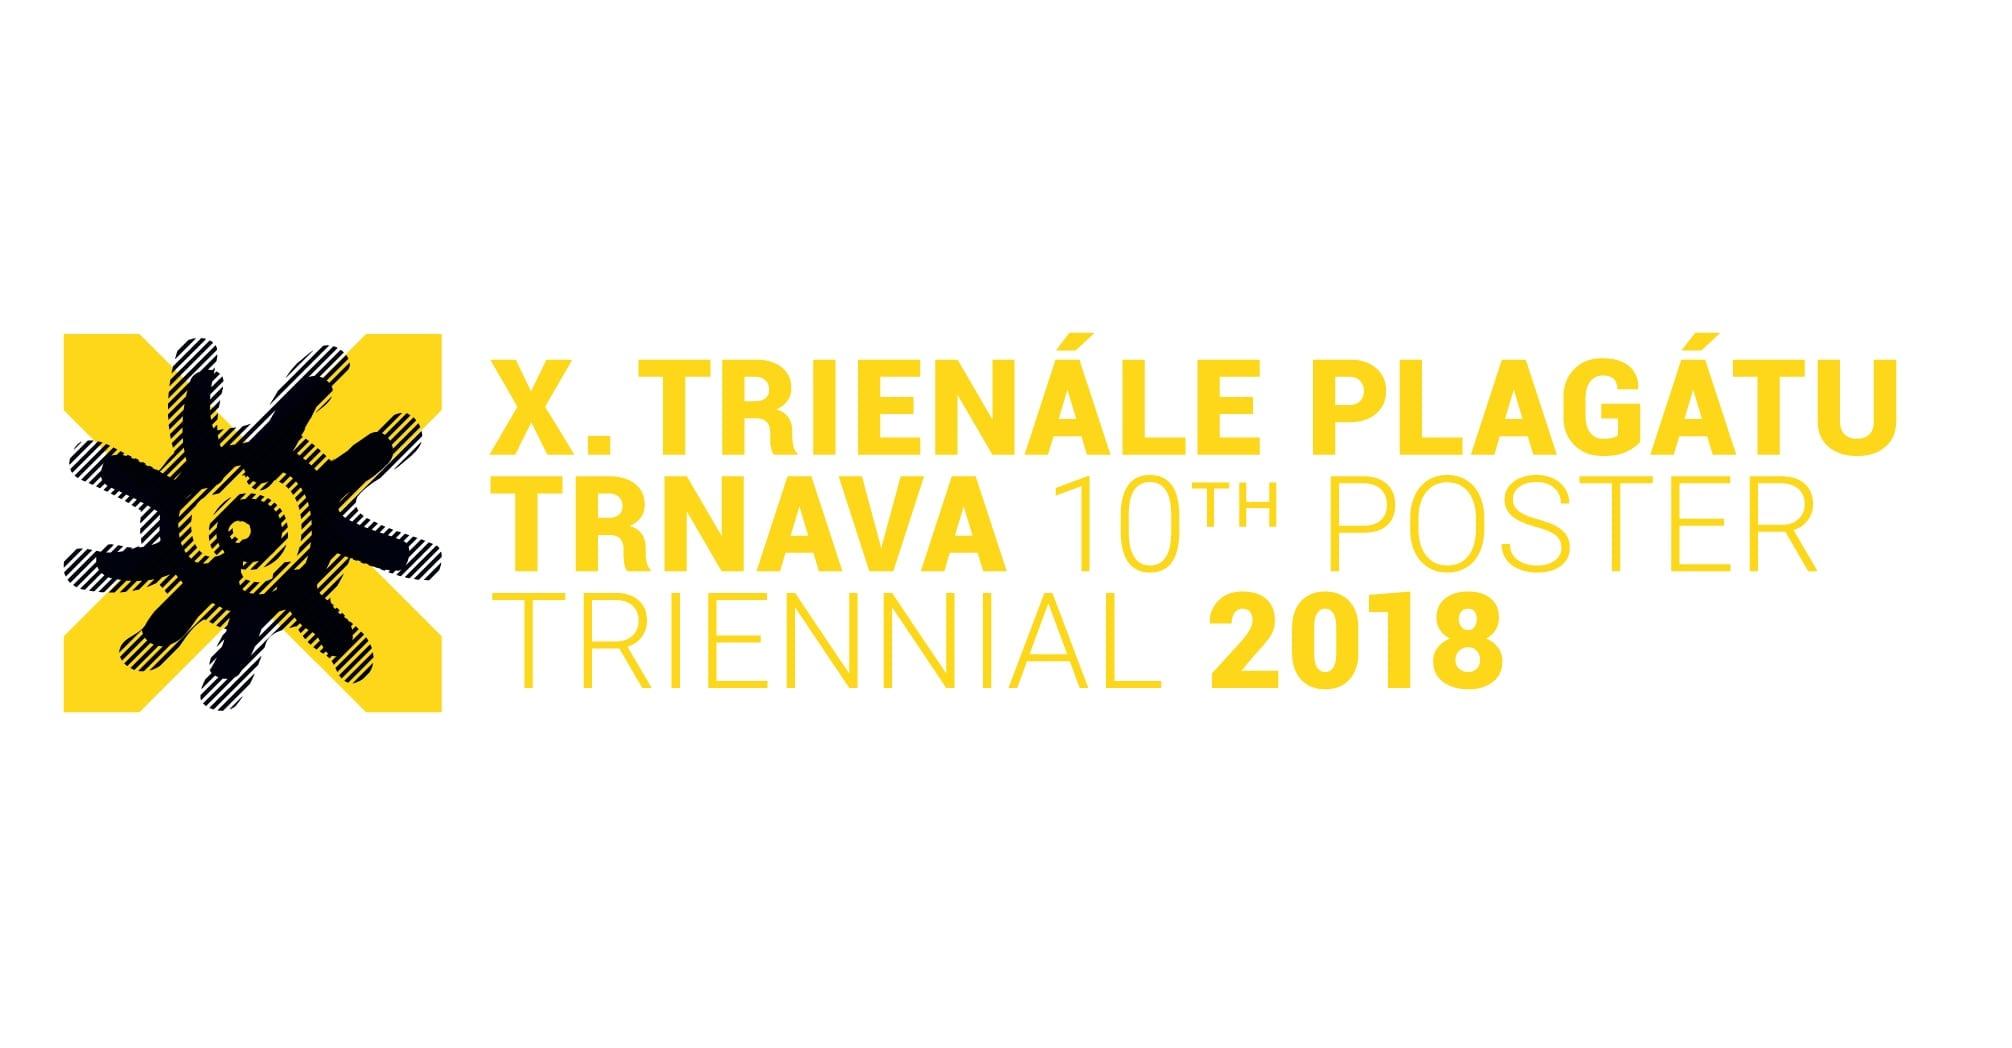 TPT vizual - Trienále plagátu Trnava 2018